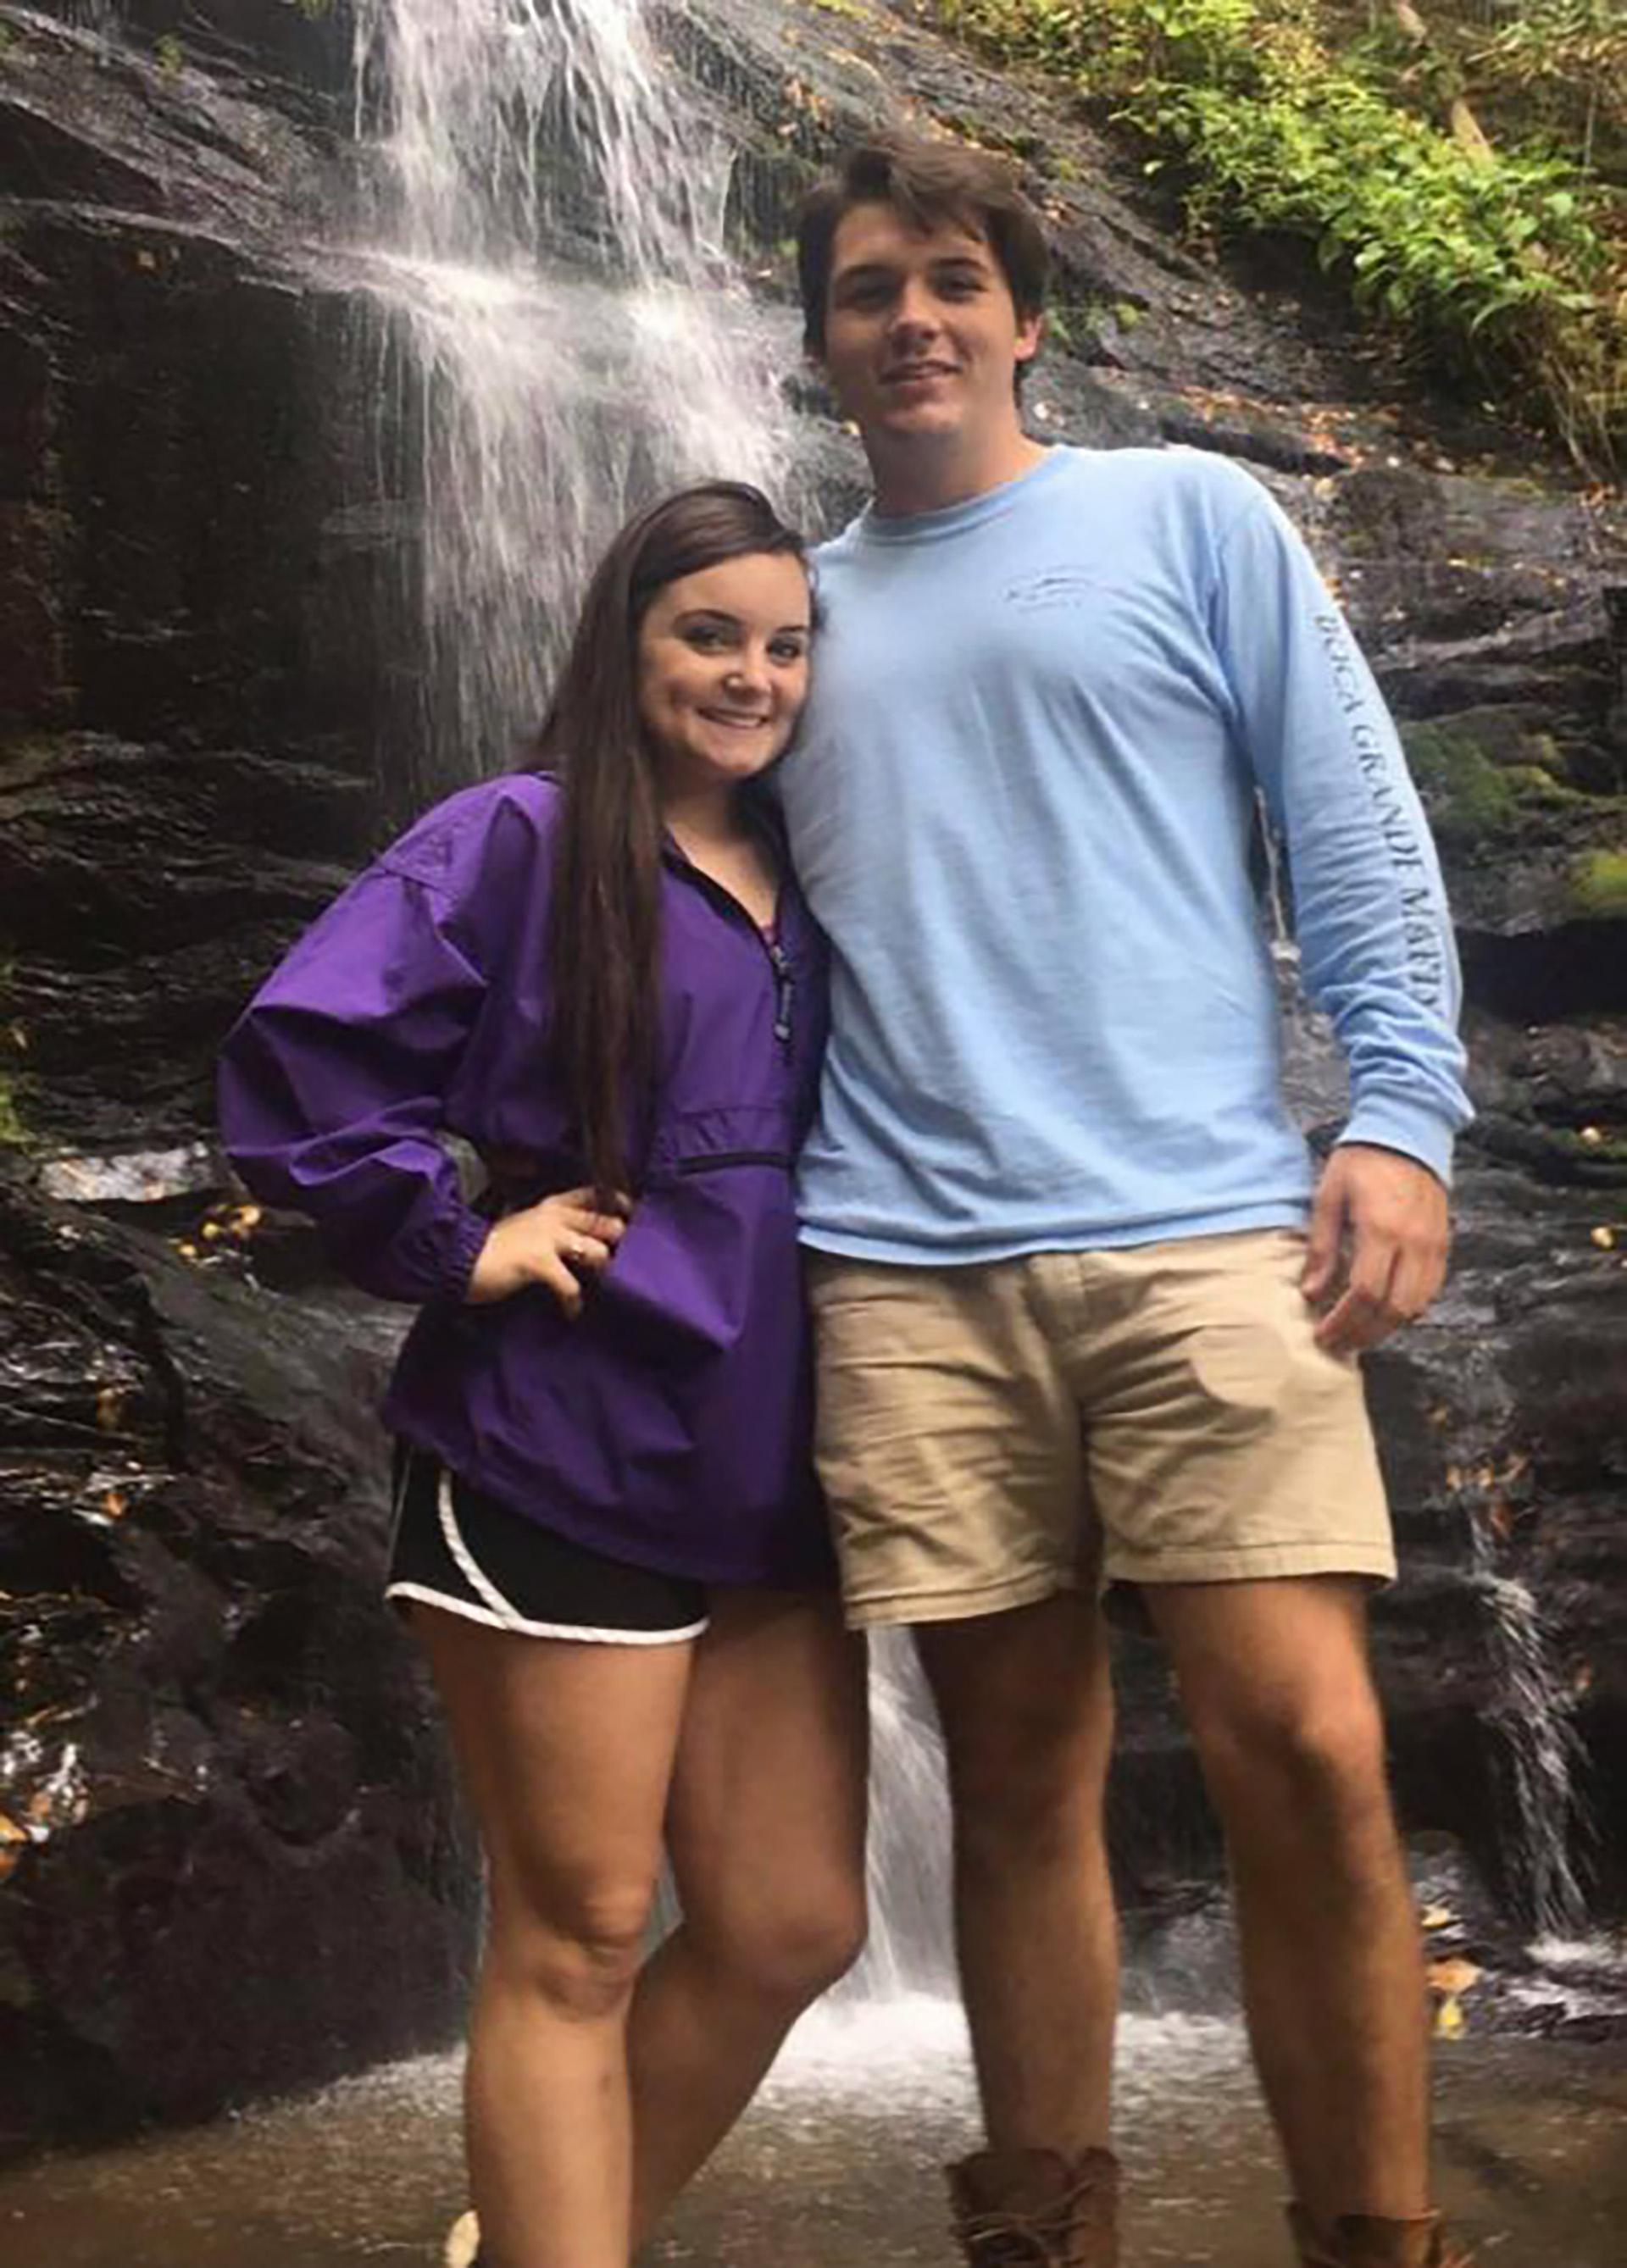 Kayla Hayes y Seth Aaron Fleury en una excursión antes de la agresión (Foto: especial)